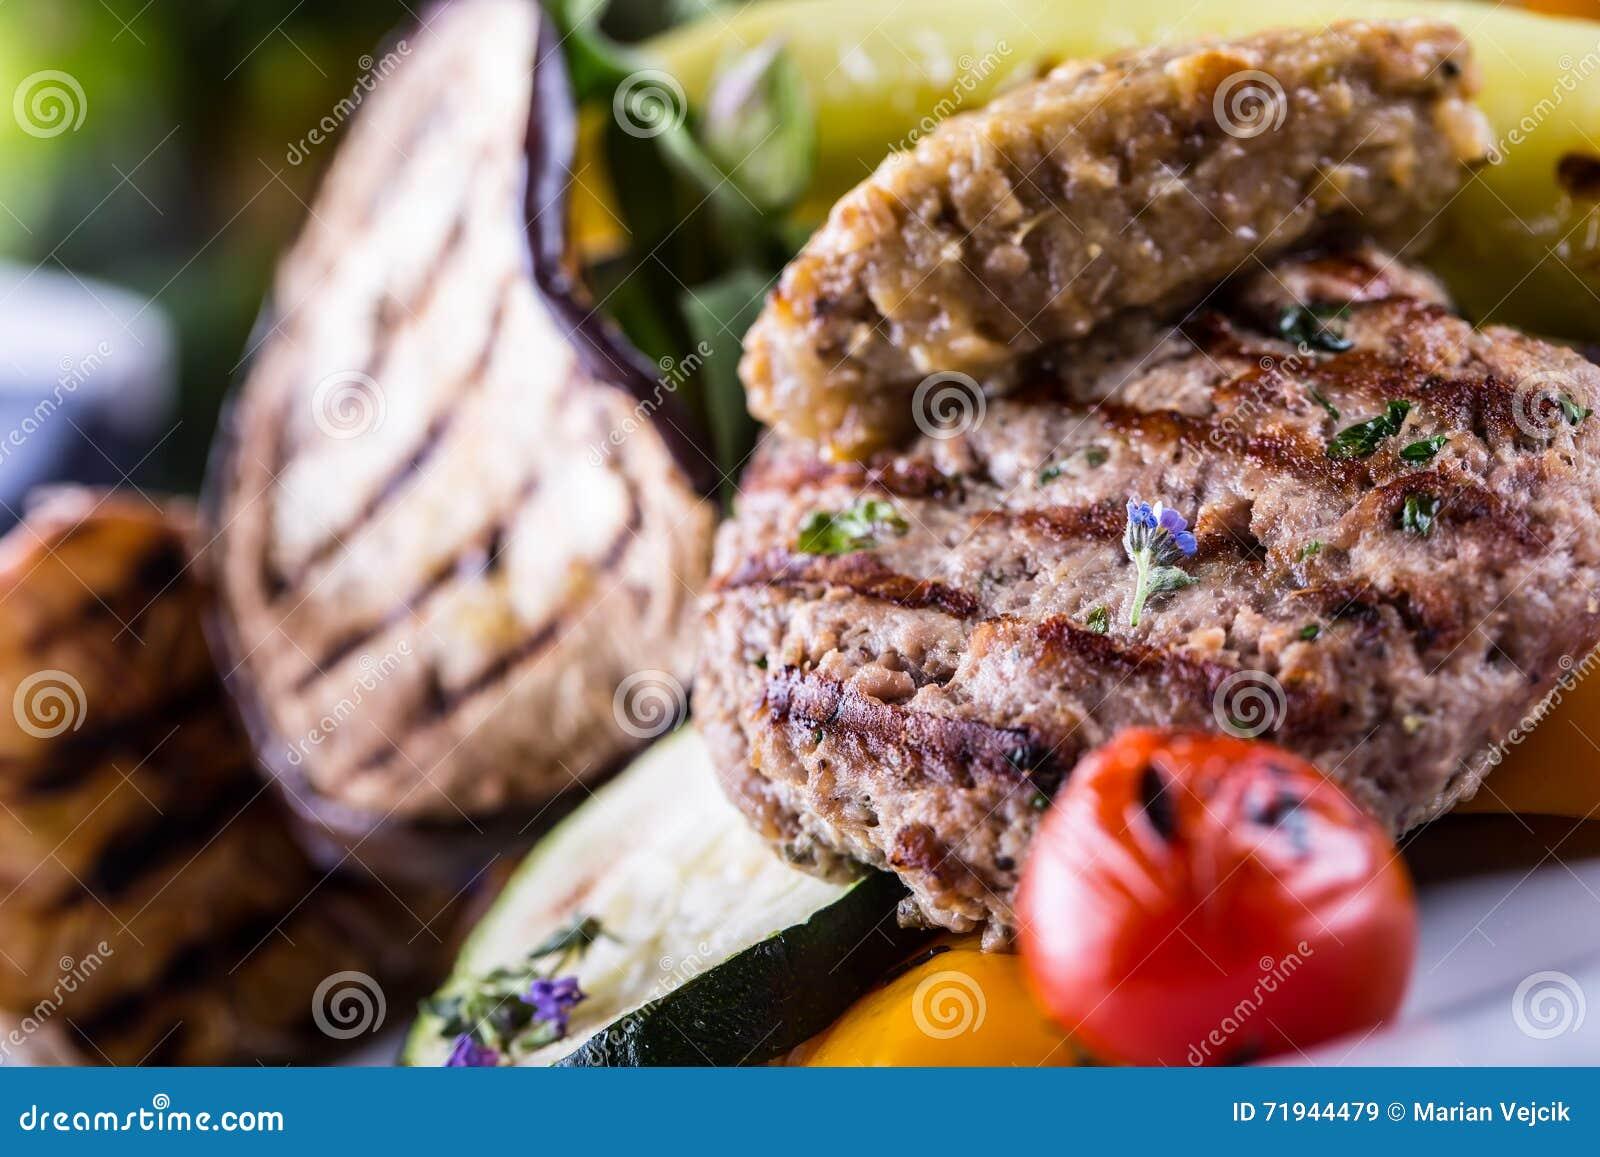 Бургеры Бургеры гриля Семенить бургеры Зажаренные в духовке бургеры с зажаренным украшением овоща и травы Семенить мясо зажаренно